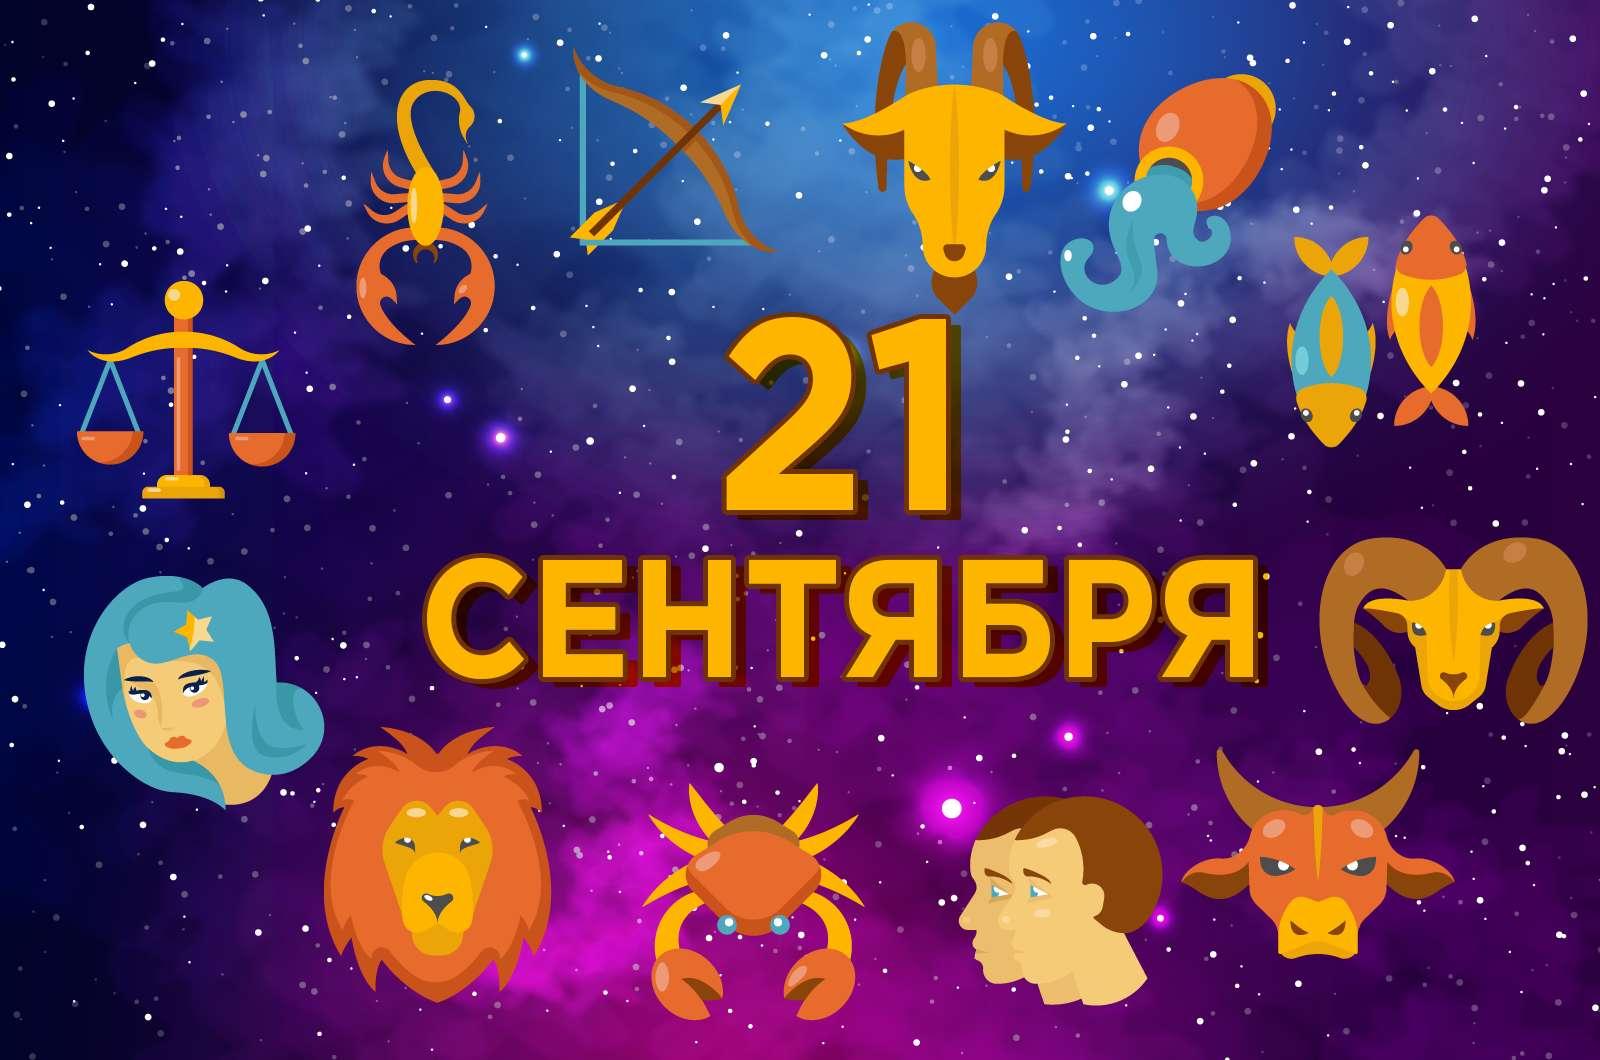 Овну снять маски, а Водолею проявить таланты - гороскоп на 21 сентября